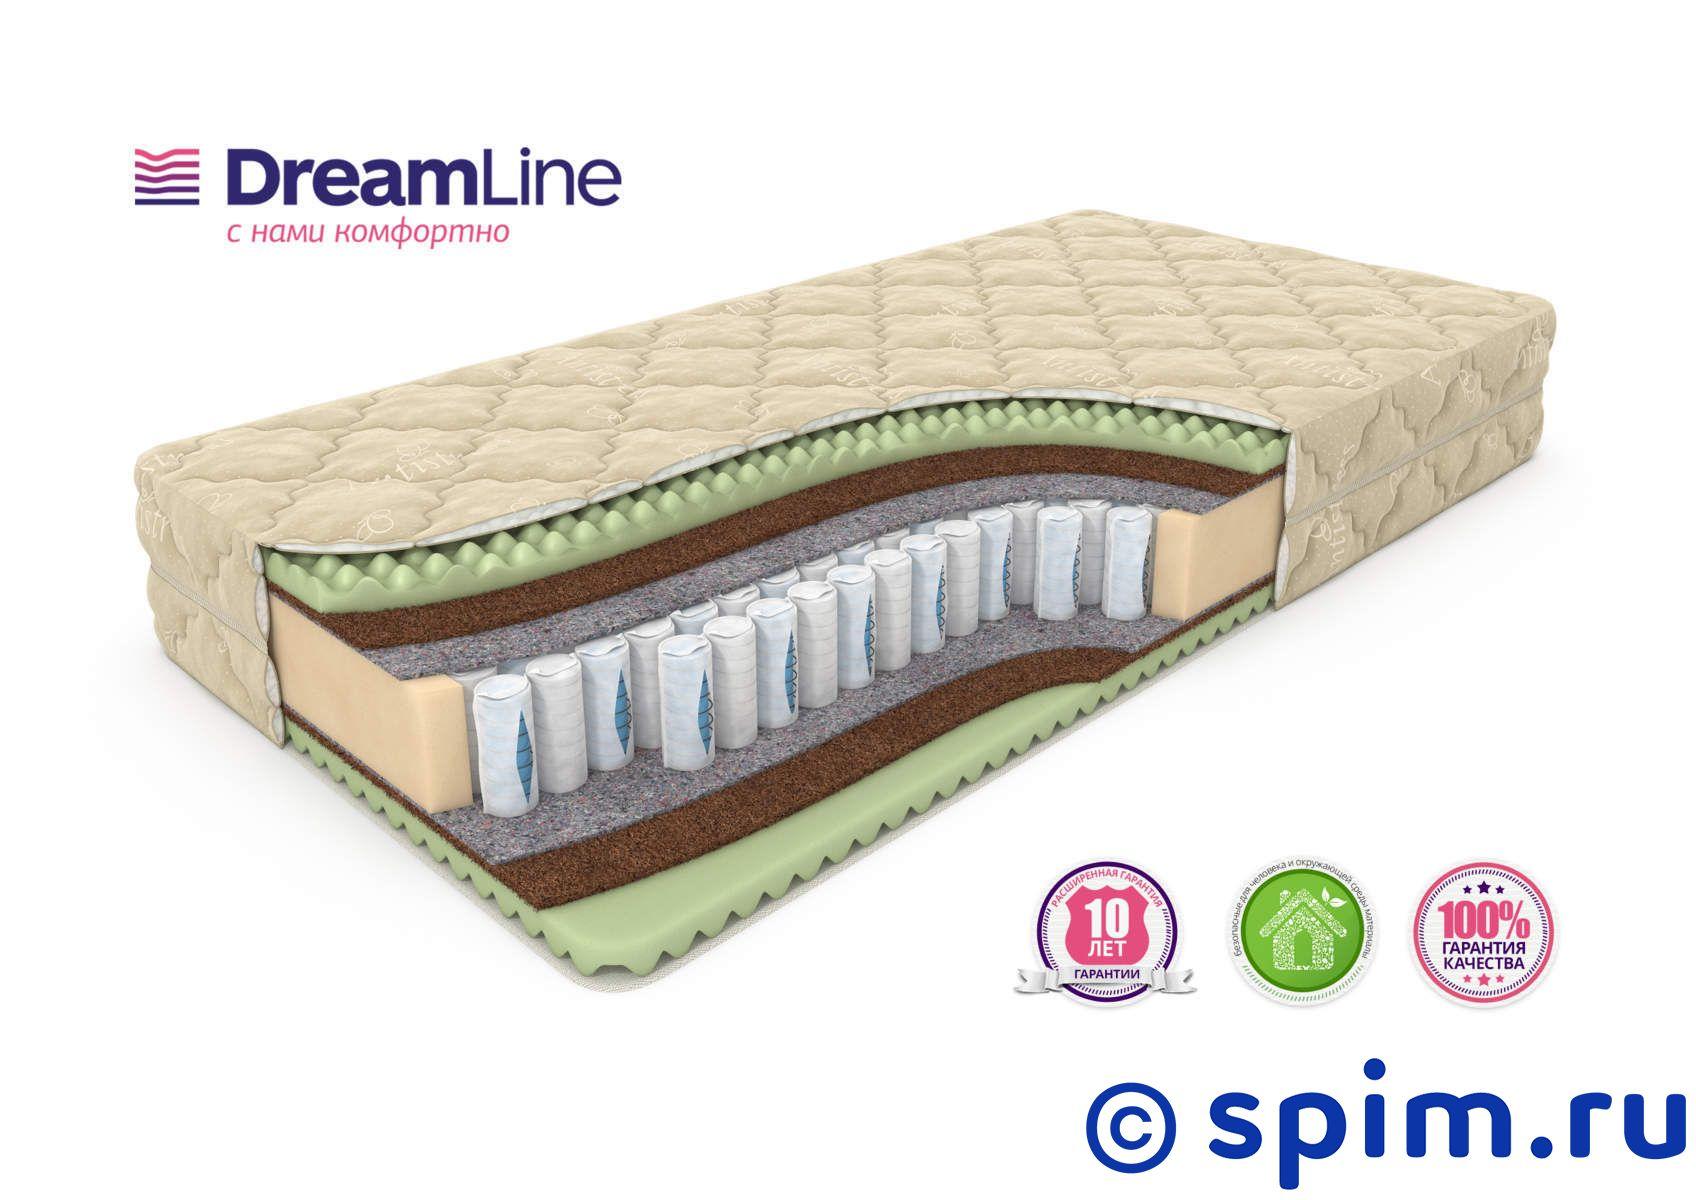 Матрас DreamLine Space Massage Ds 200х200 смМатрасы DreamLine Massage<br>Матрас средней жесткости на независимых пружинах Дуэт (250+108 шт/м2), с прослойками ячеистой пены и Бикокоса. Несъемный чехол из трикотажа. Высота: 24 см. Нагрузка: до 130 кг. Размер ДримЛайн Спейс Массаж Дс 2-спальный: 200 x 200 см<br><br>Ширина см: 200<br>Длина см: 200<br>Линейка: Massage